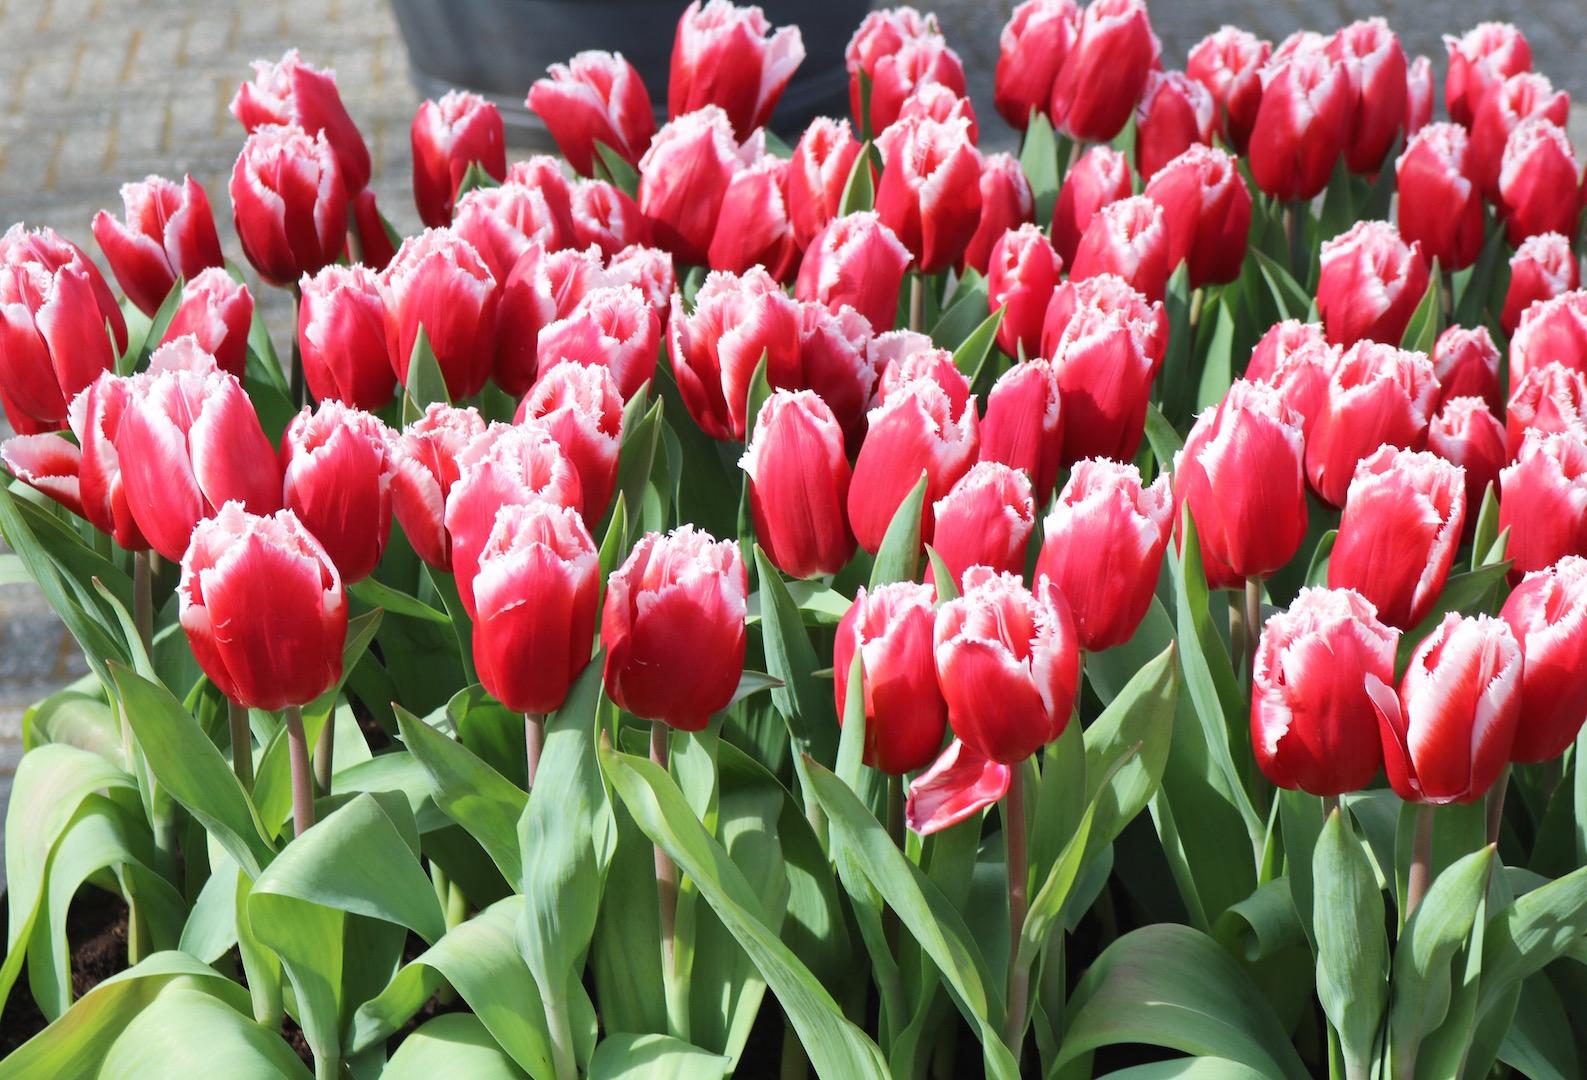 Easter at Keukenhof Tulip Festival